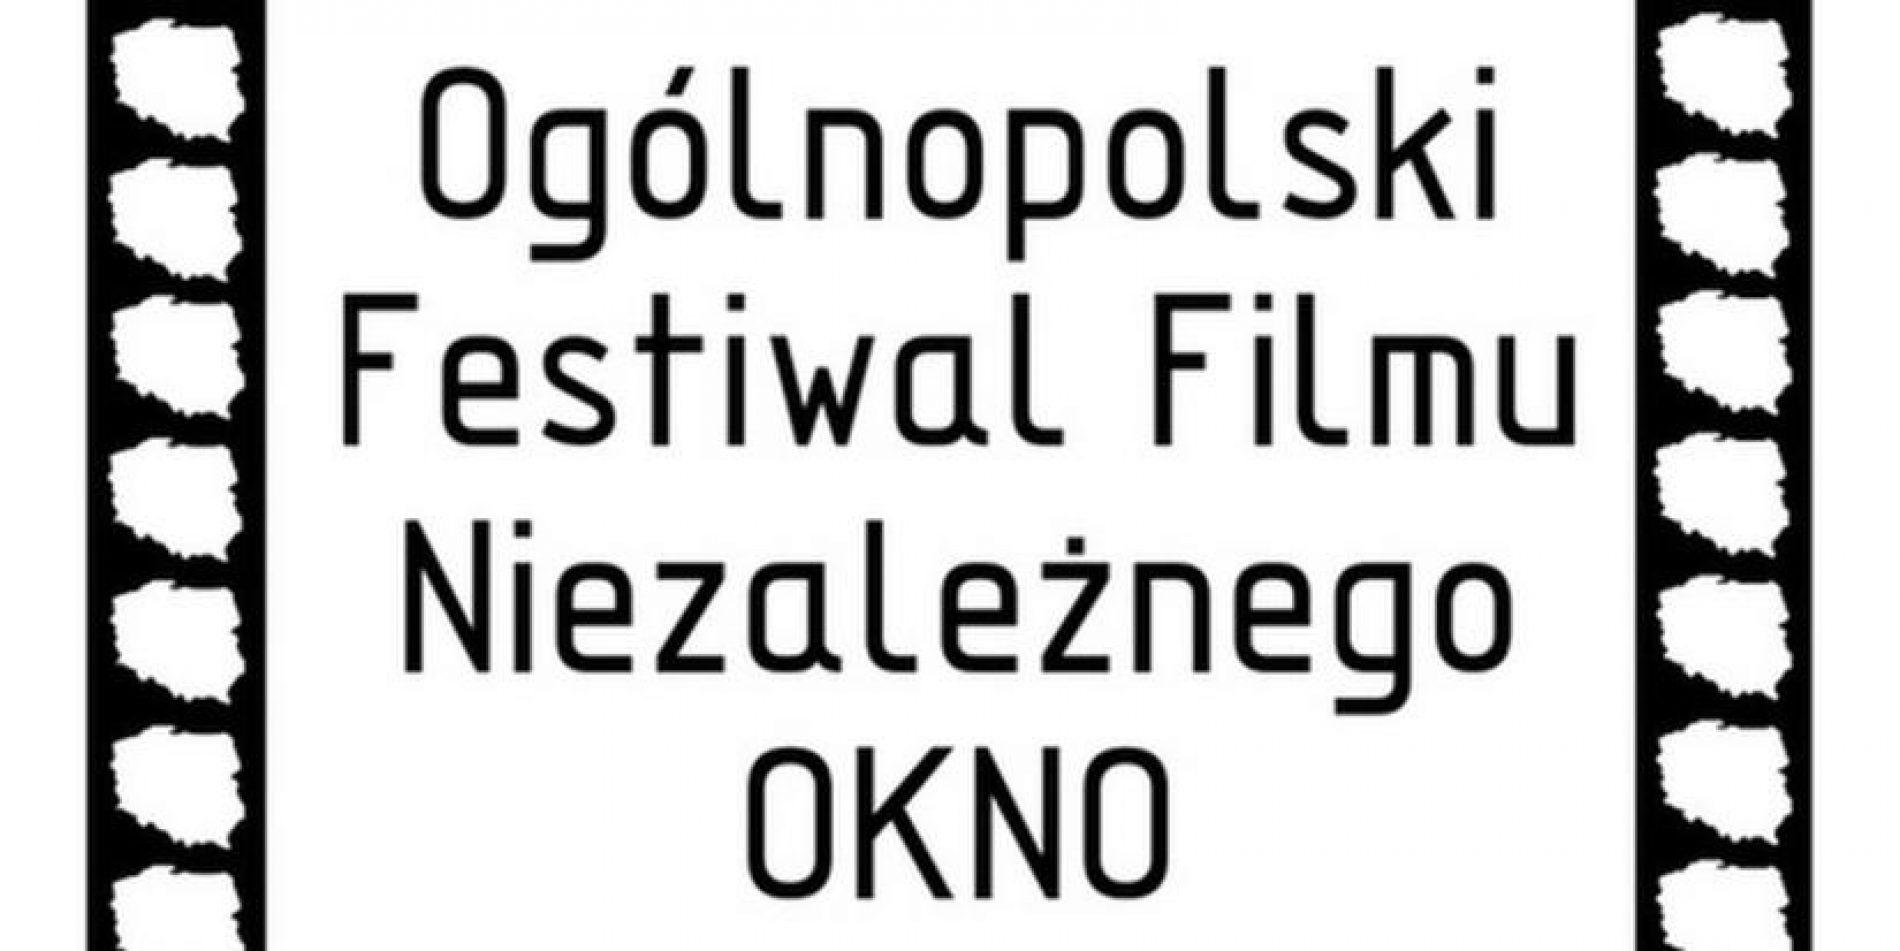 """Dziś w Olsztynie rusza 6. Ogólnopolski Festiwal Filmu Niezależnego """"Okno"""""""